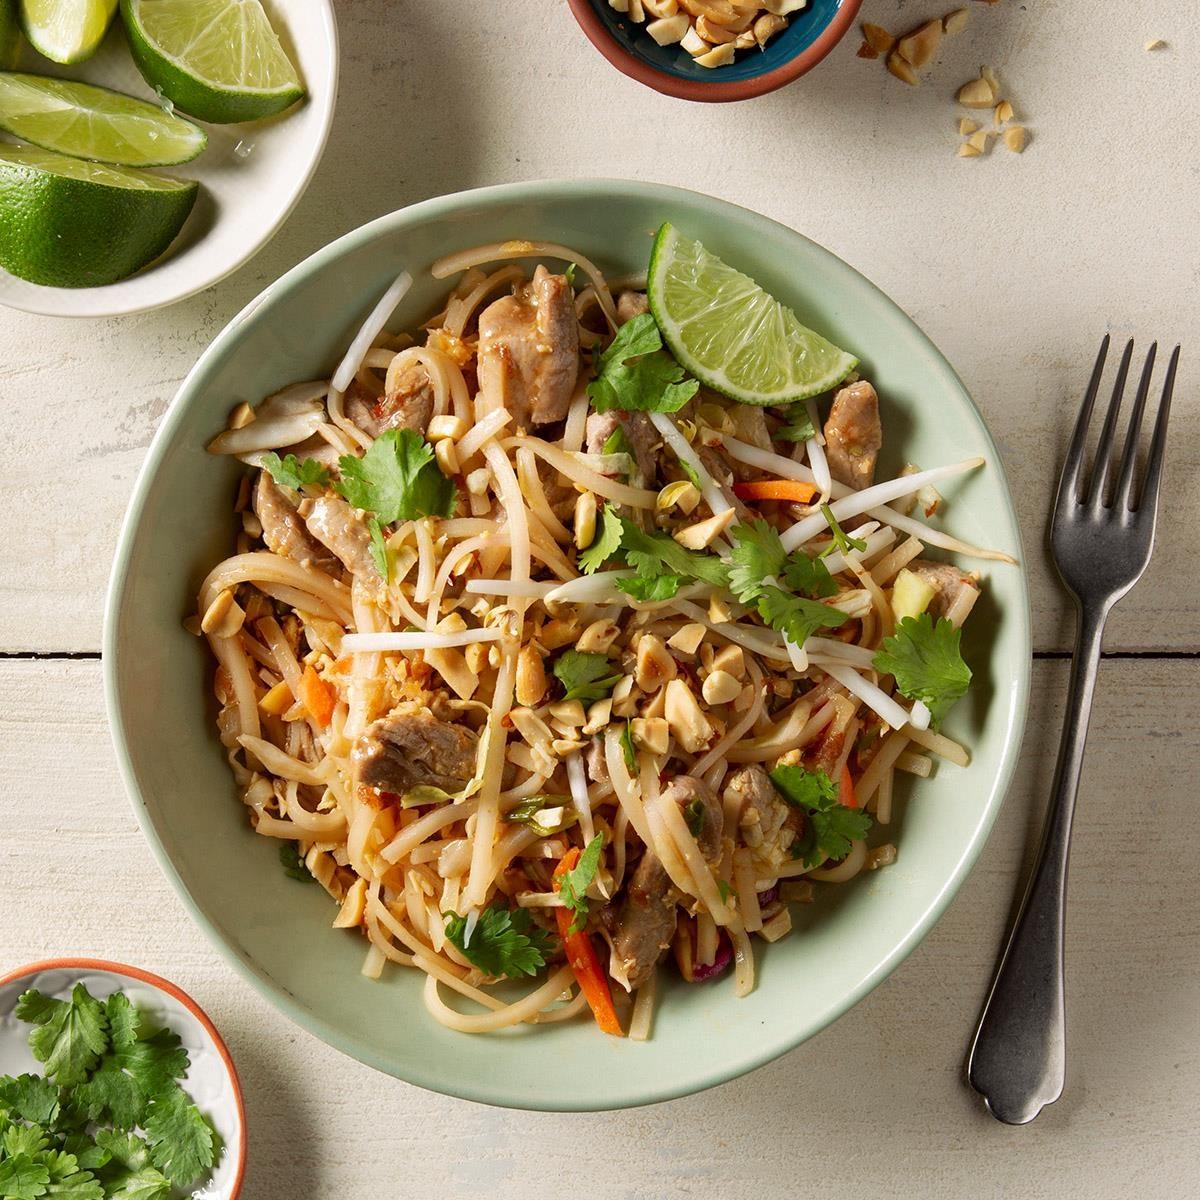 110 Easy Dinner Ideas We Love